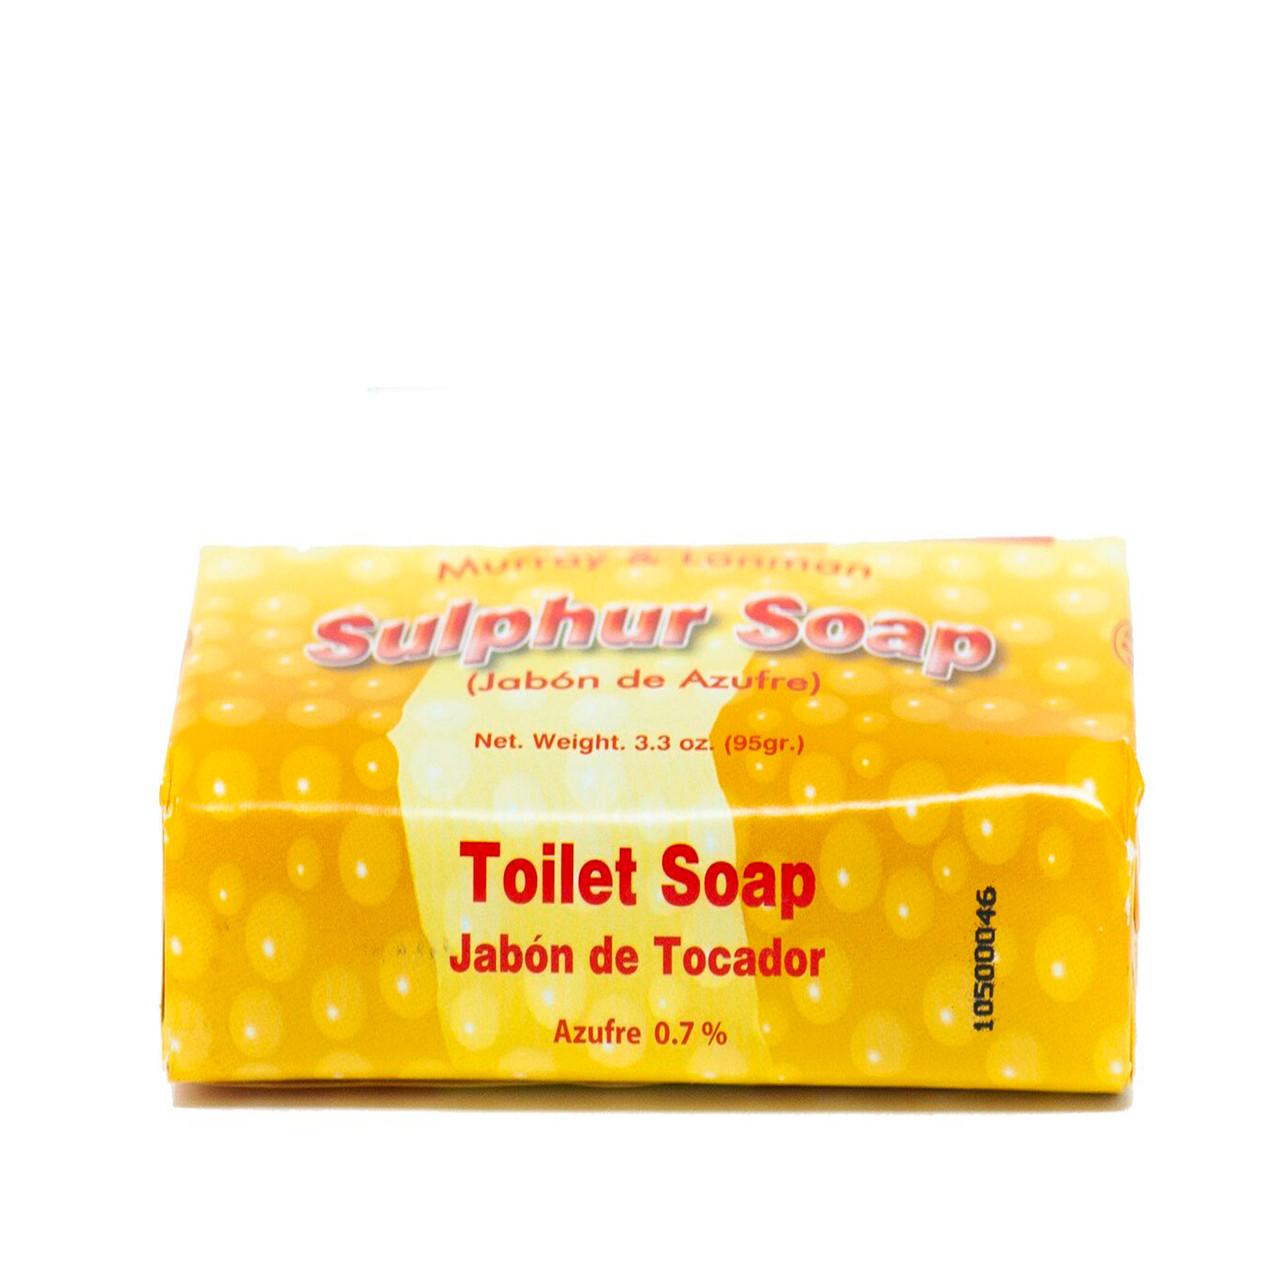 JABON DE AZUFRE (SULPHUR SOAP)